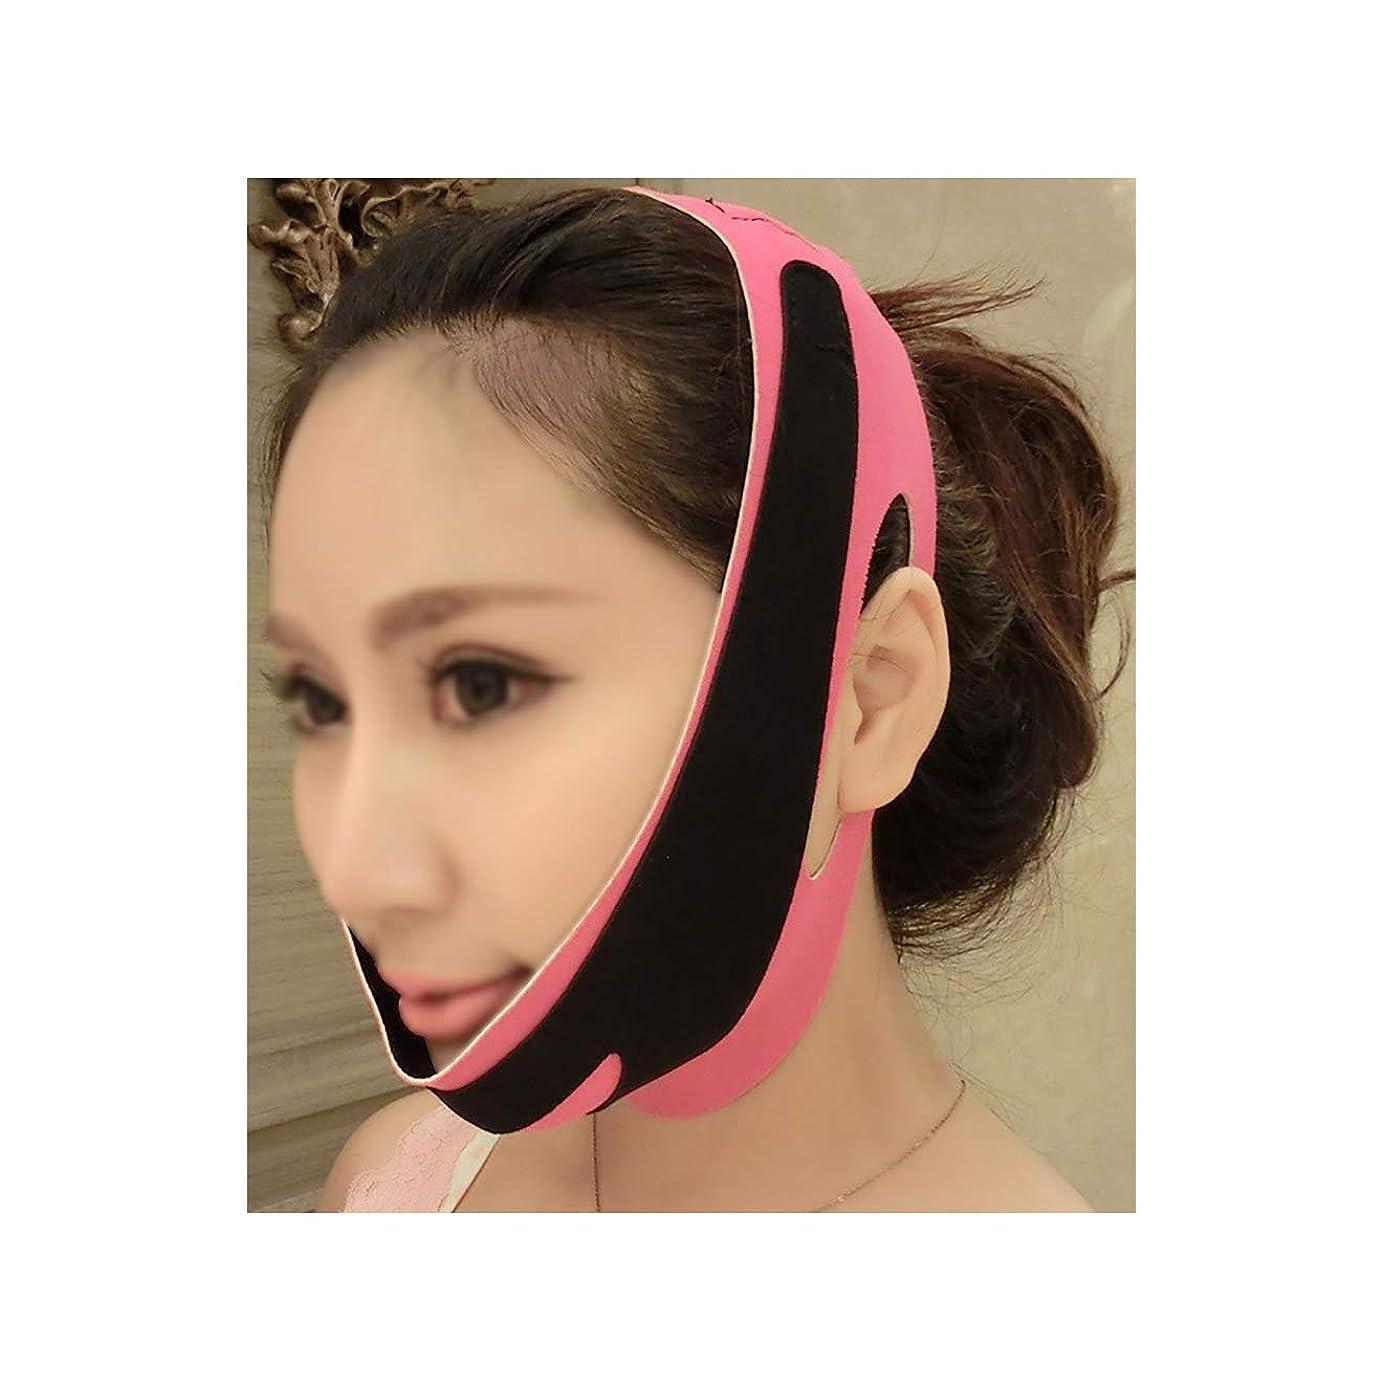 含むサスペンドラボ薄い顔の包帯の顔のスリムを取り除く二重あごを取り除くVラインの顔の形を作成するあごの頬リフトアップアンチリンクルリフティングベルトフェイスマッサージツール女性と女の子用(3フェイス包帯)